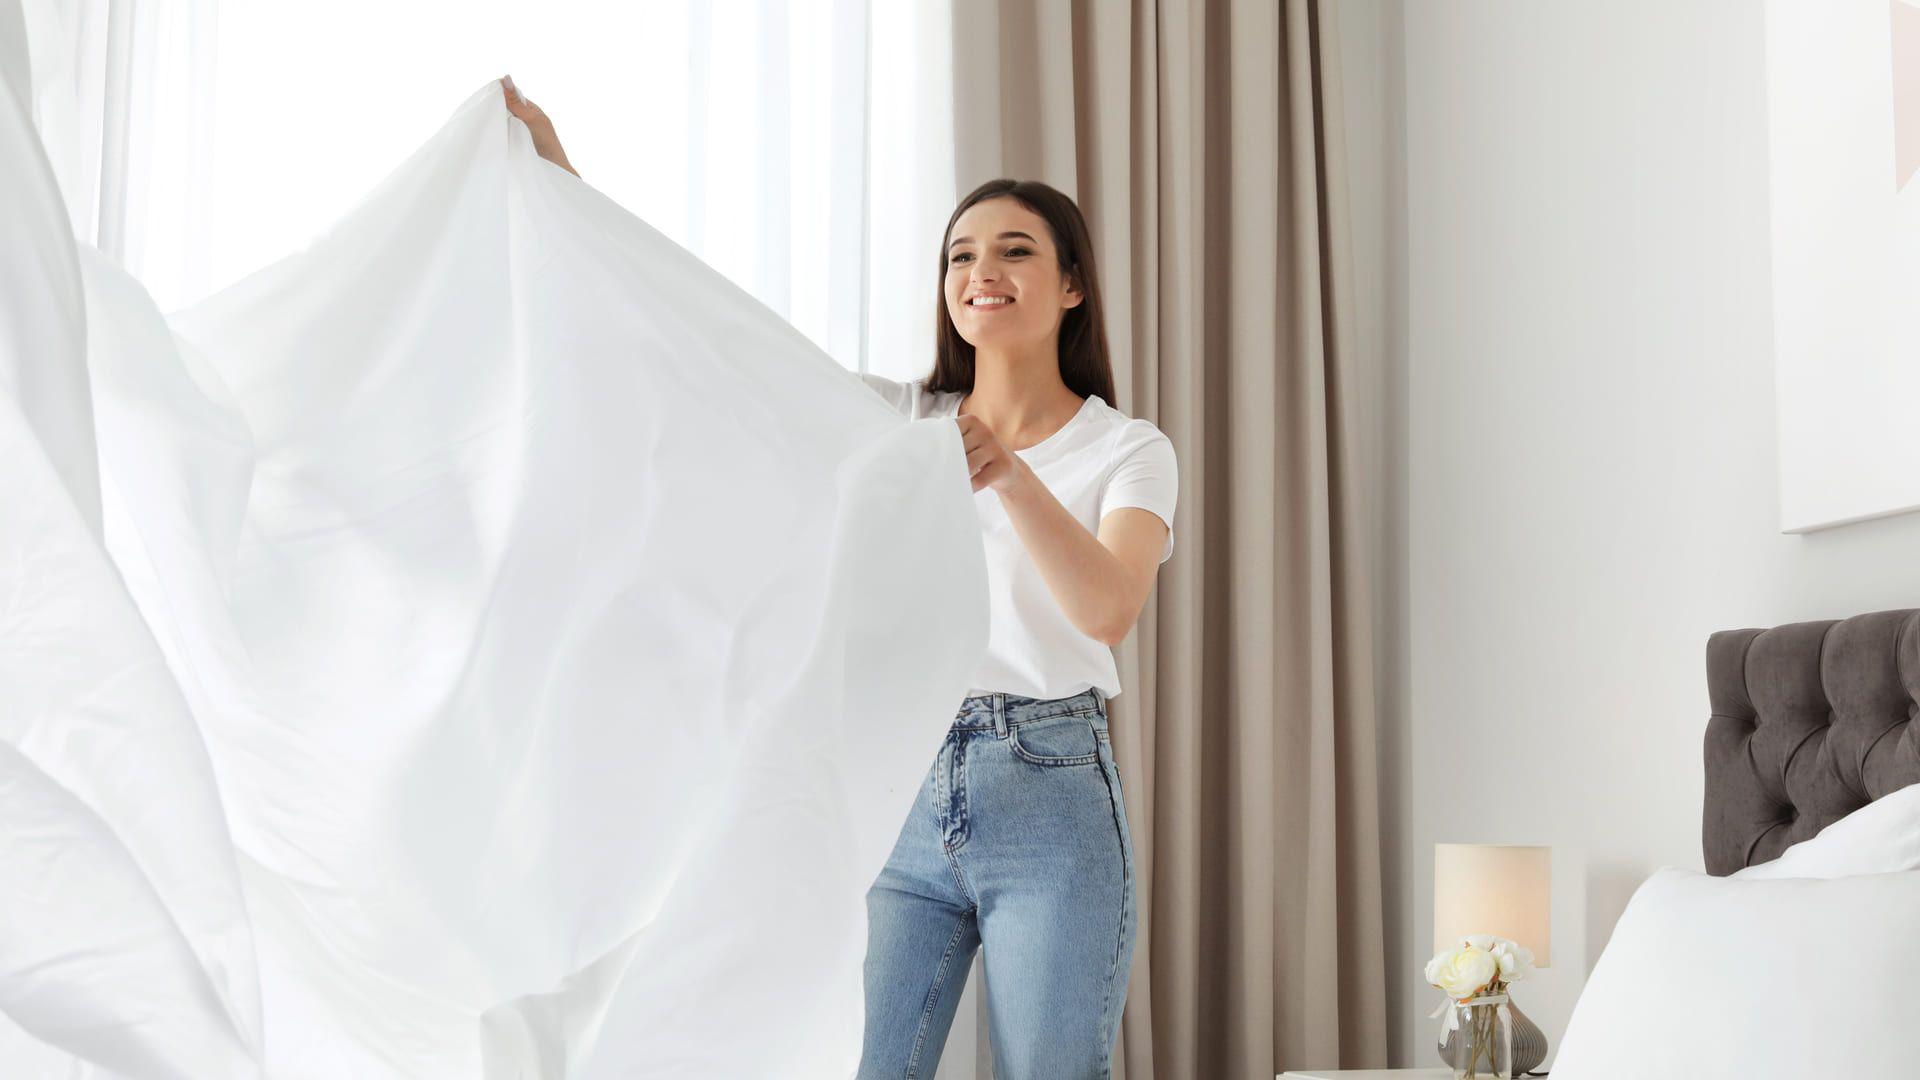 Ficar atento a quantidade de fios do lençol é fundamental para uma roupa de cama macia. (Imagem: Reprodução/Shutterstock)